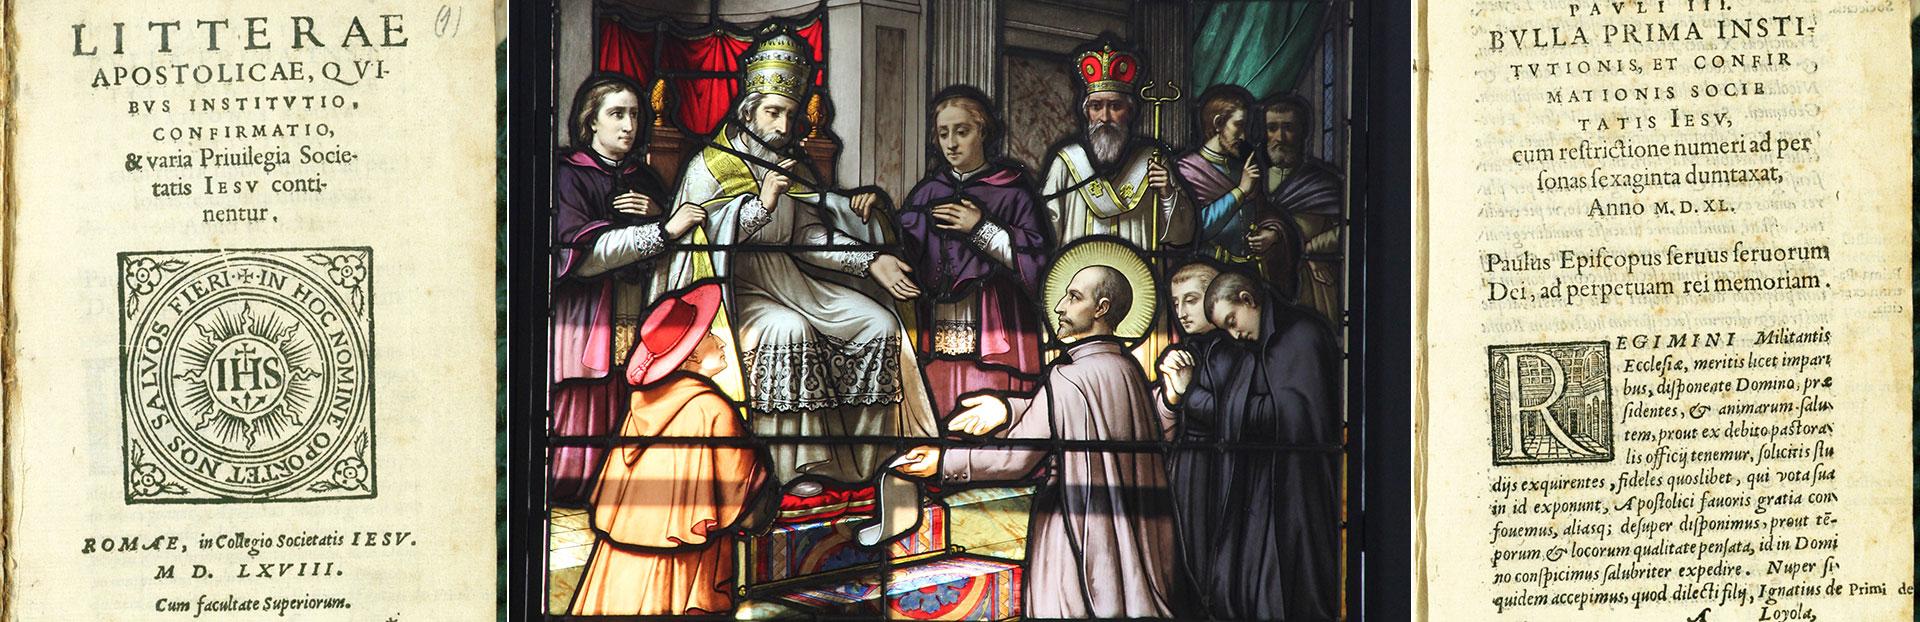 El 27 de septiembre de 1540, la Compañía de Jesús recibió la aprobación papal